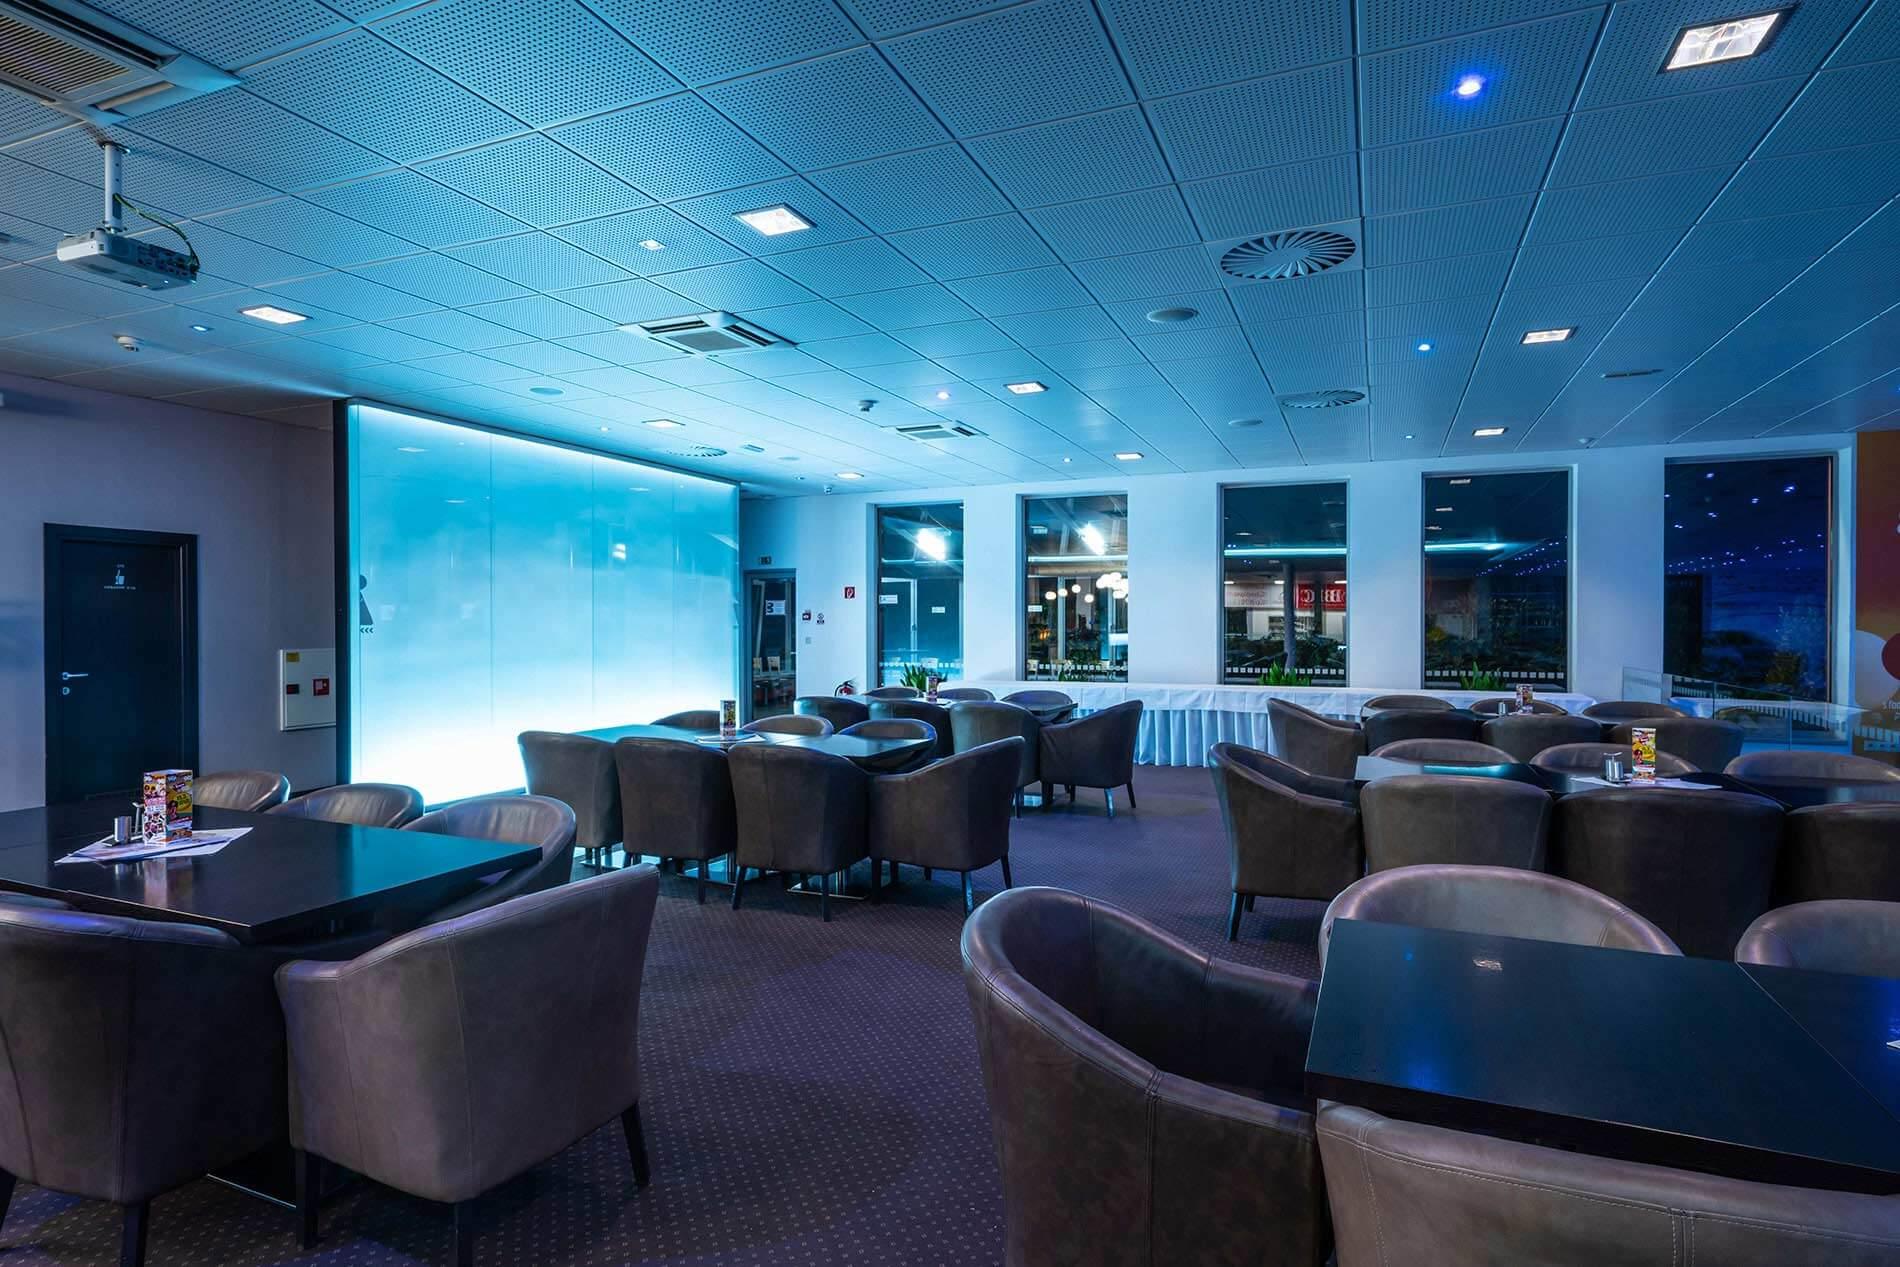 Narodne bowlingove centrum, videoprojekcia - MediaTech